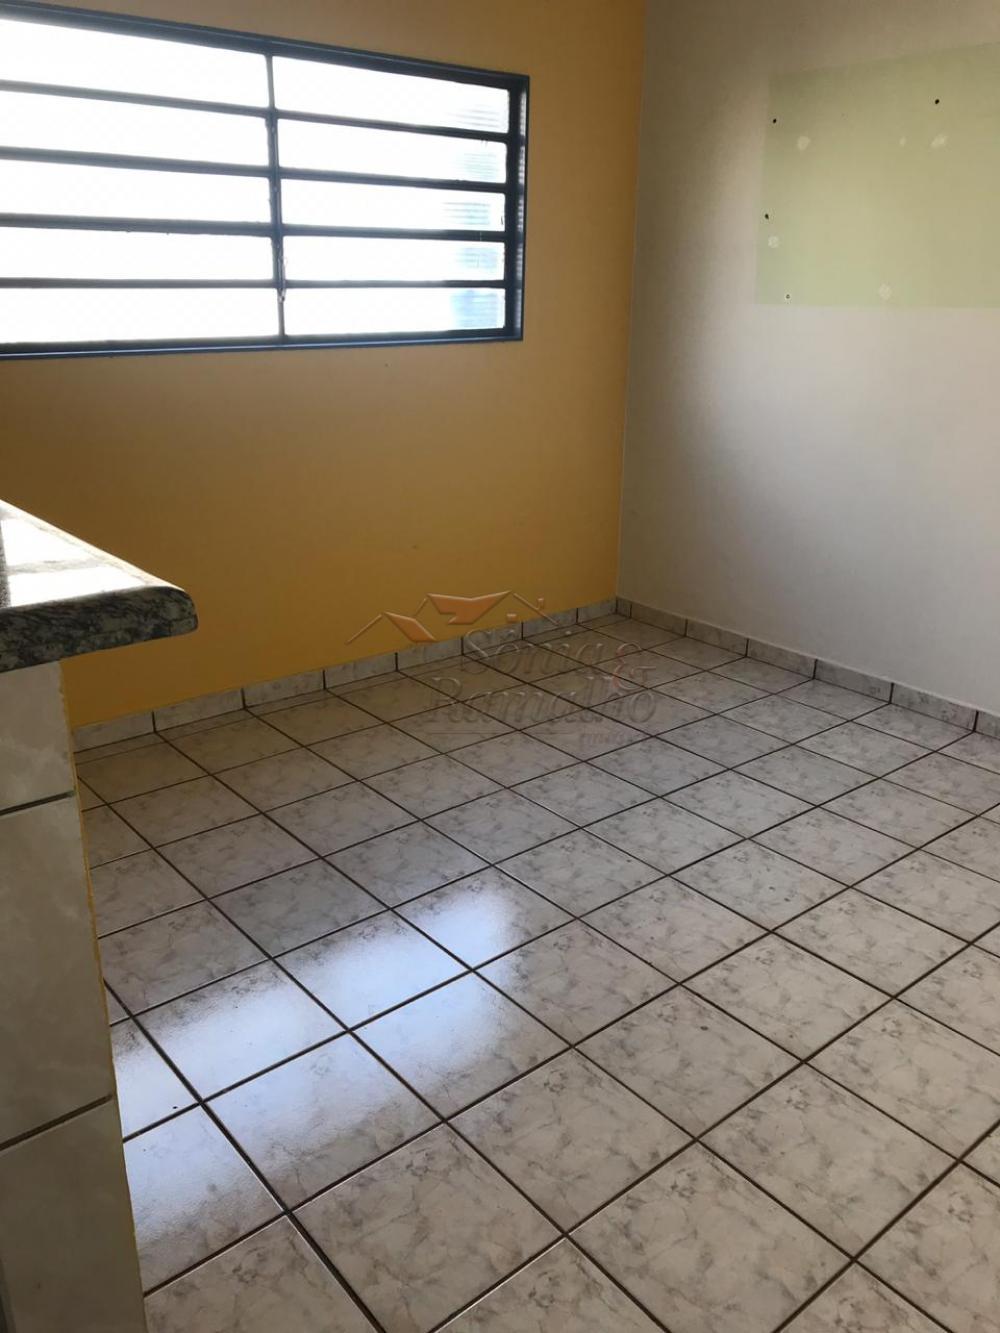 Comprar Casas / Padrão em Ribeirão Preto apenas R$ 340.000,00 - Foto 5